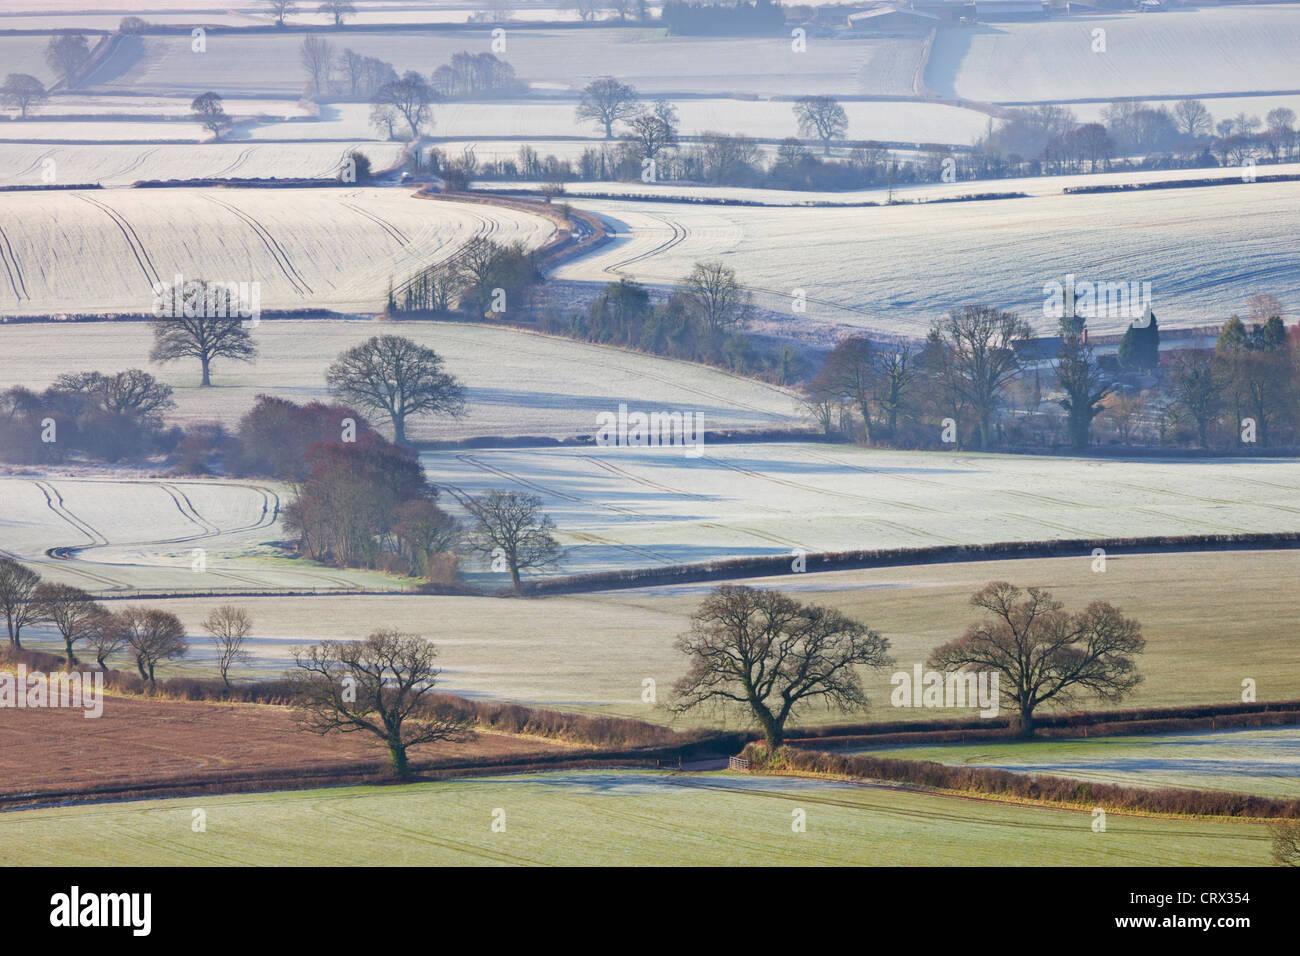 Mattierte Winter Felder in der Nähe von Shobrooke, Devon, England. Winter 2010 (März). Stockbild